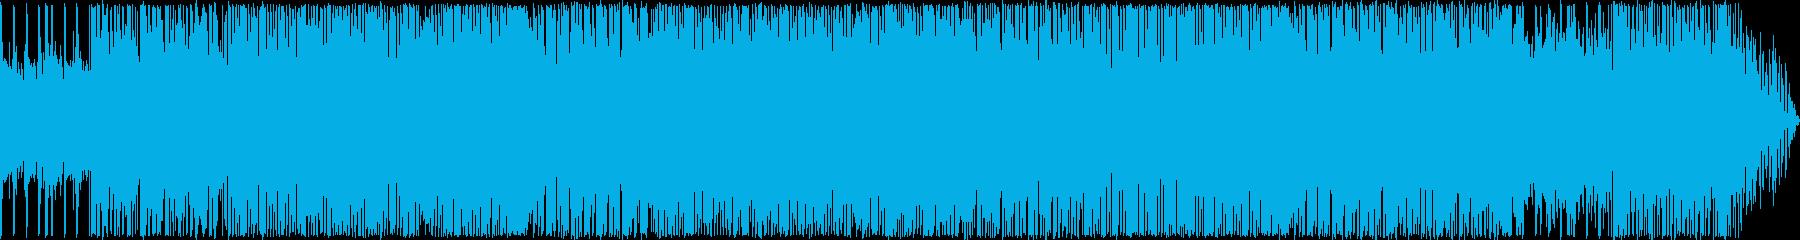 ハイテンションなハードロックの再生済みの波形